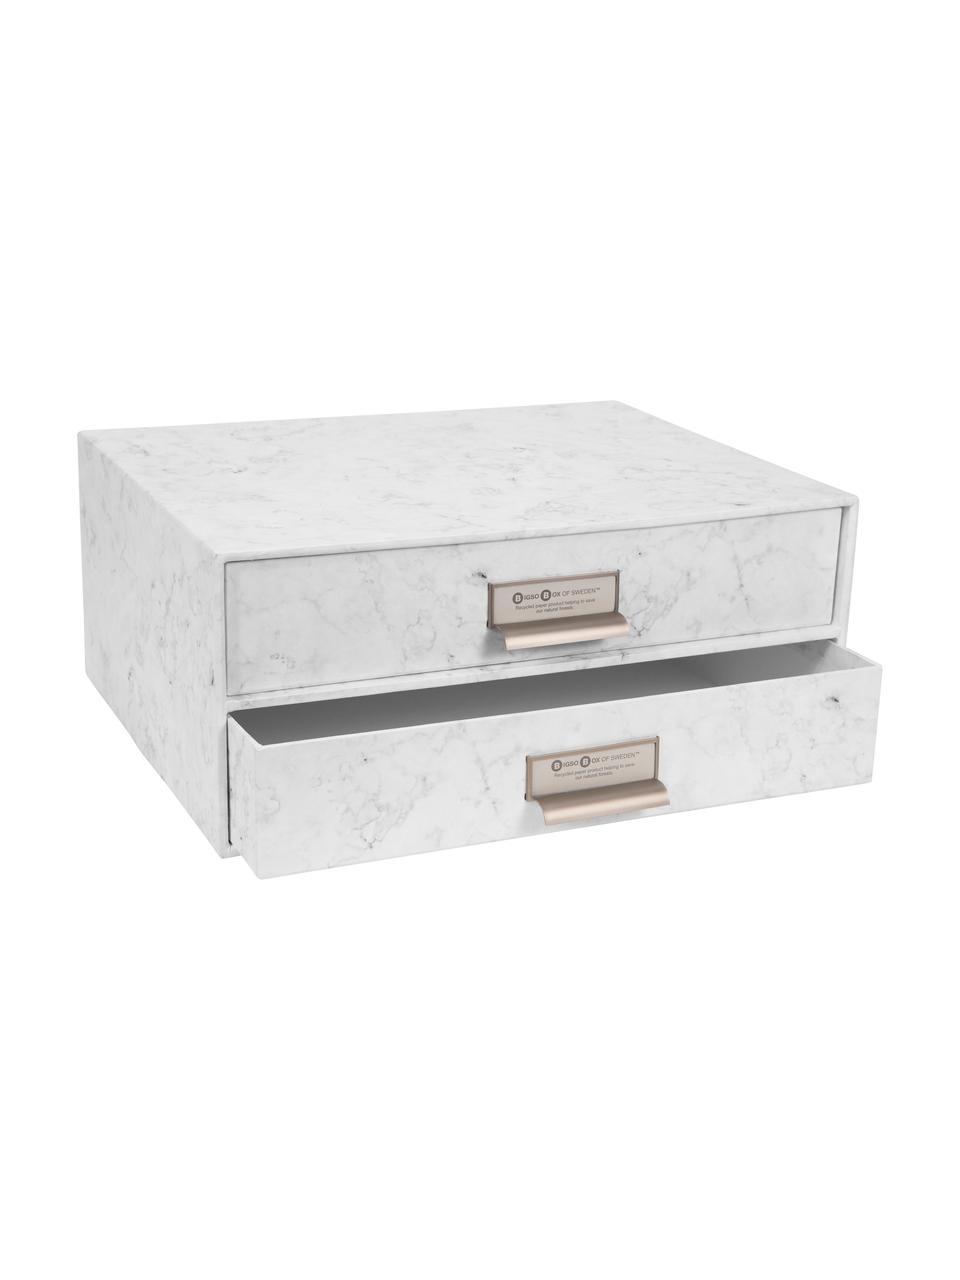 Büro-Organizer Birger, Organizer: Fester, laminierter Karto, Weiß, marmoriert, 33 x 15 cm